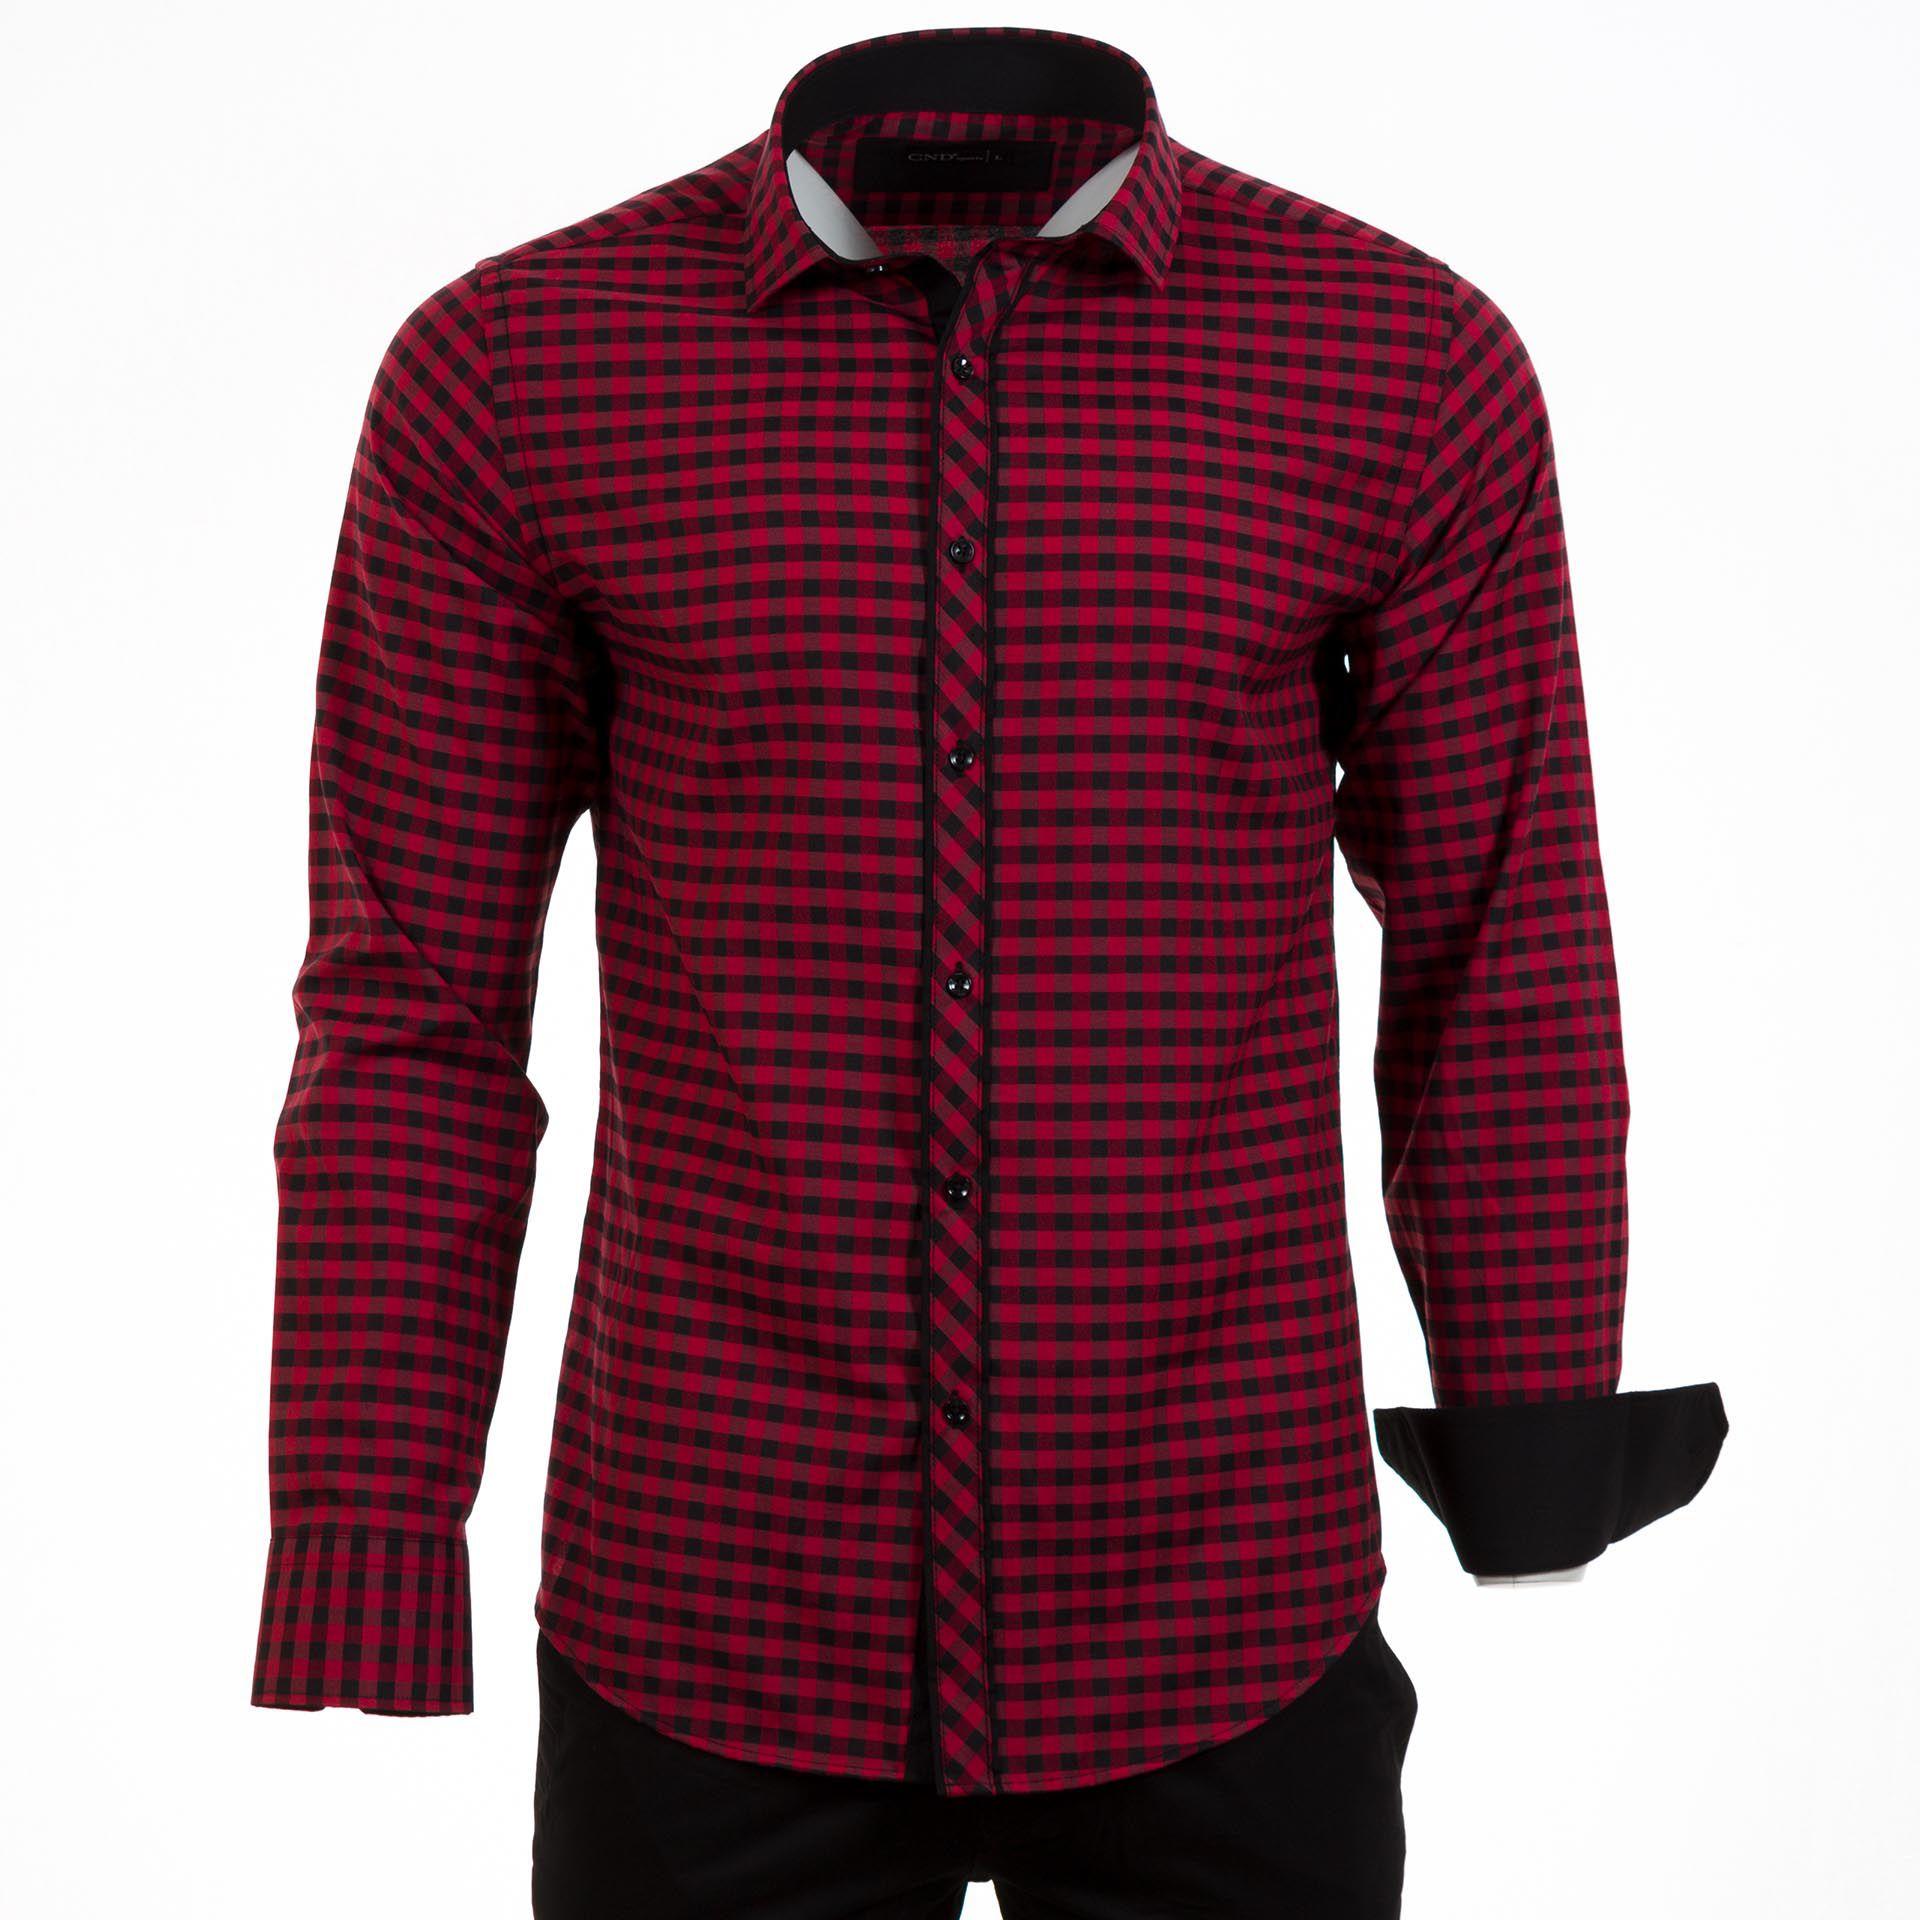 Ανδρικό πουκάμισο CND Shirts Κόκκινο-Μαύρο